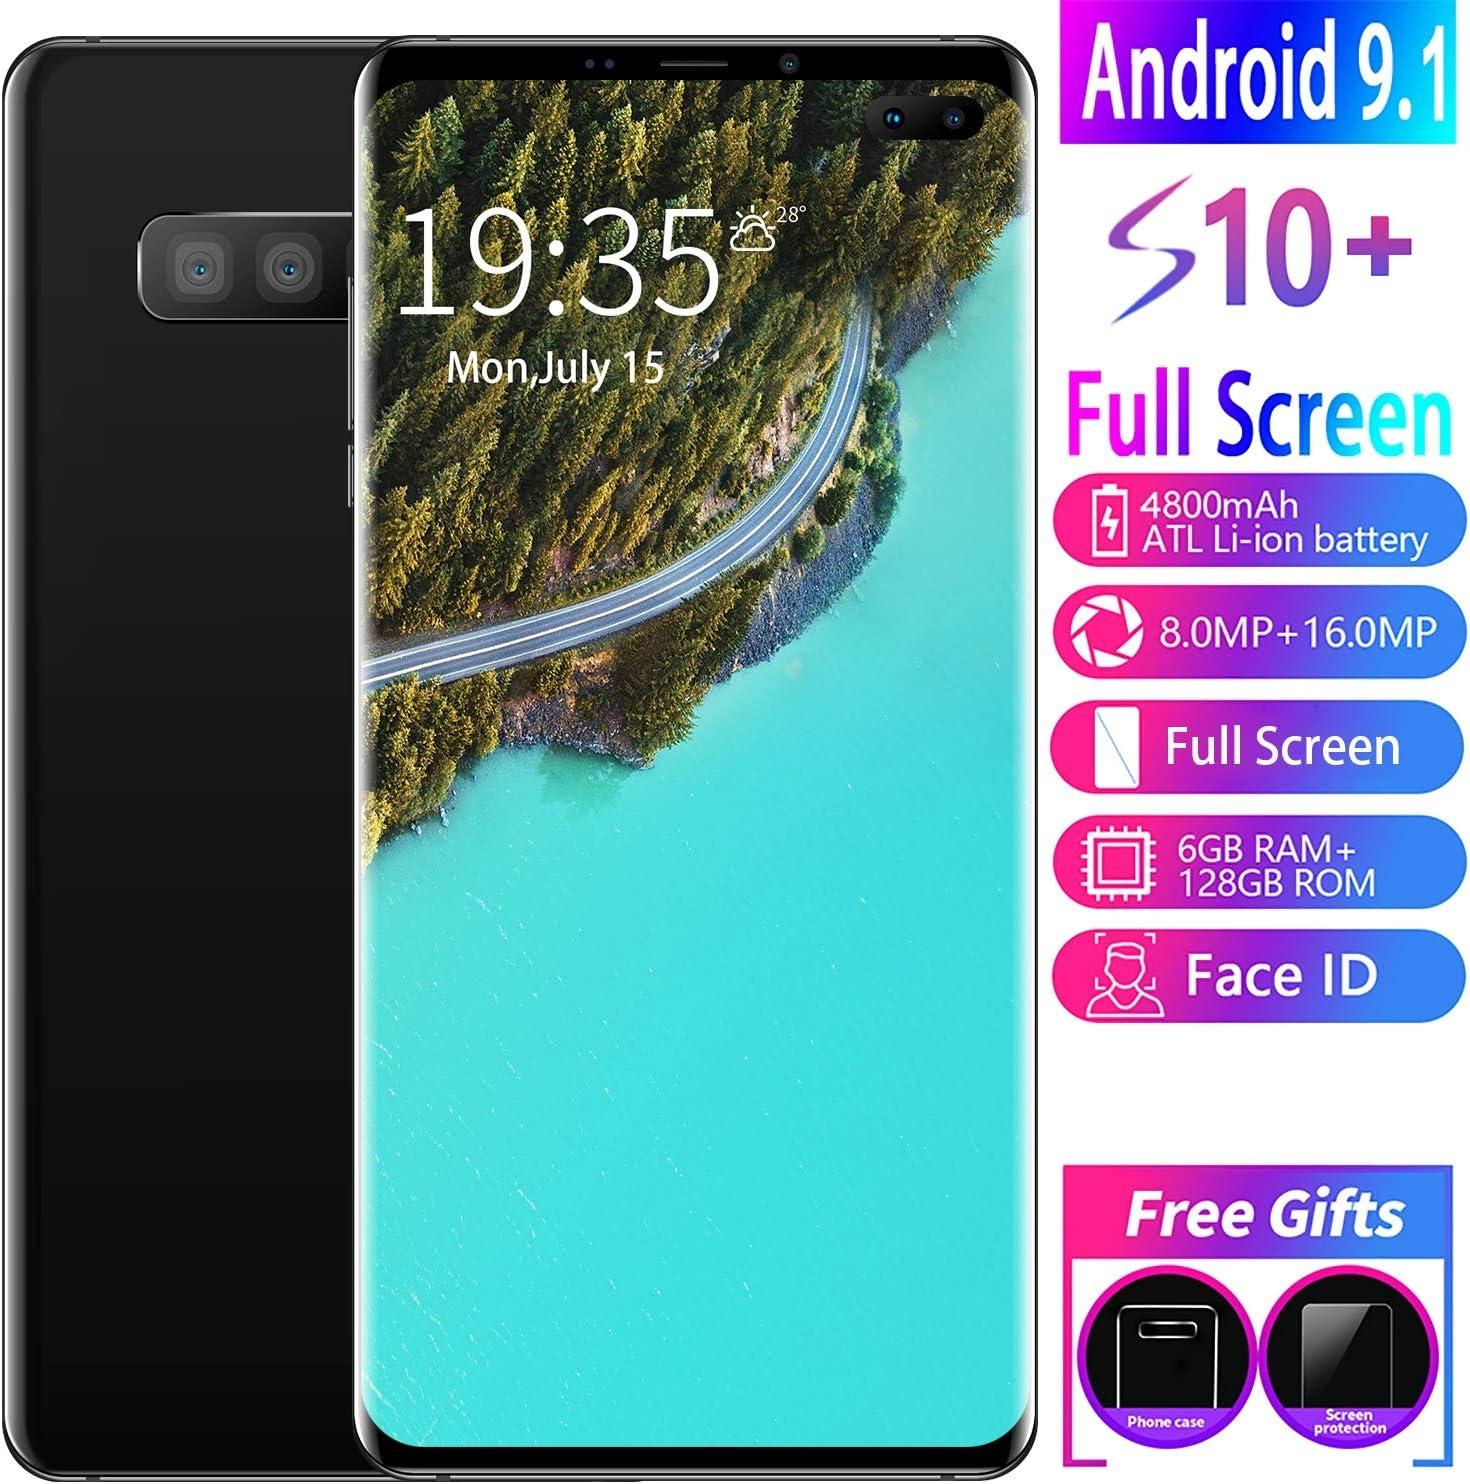 XGLL 6.1 Pulgadas Pantalla Completa Teléfonos Smartphone Android 9.1 8.0MP + 16.0MP 6 GB RAM + 128 GB ROM Batería Iones De Litio 4800 Mah Doble SIM Móviles Libres,Negro: Amazon.es: Hogar